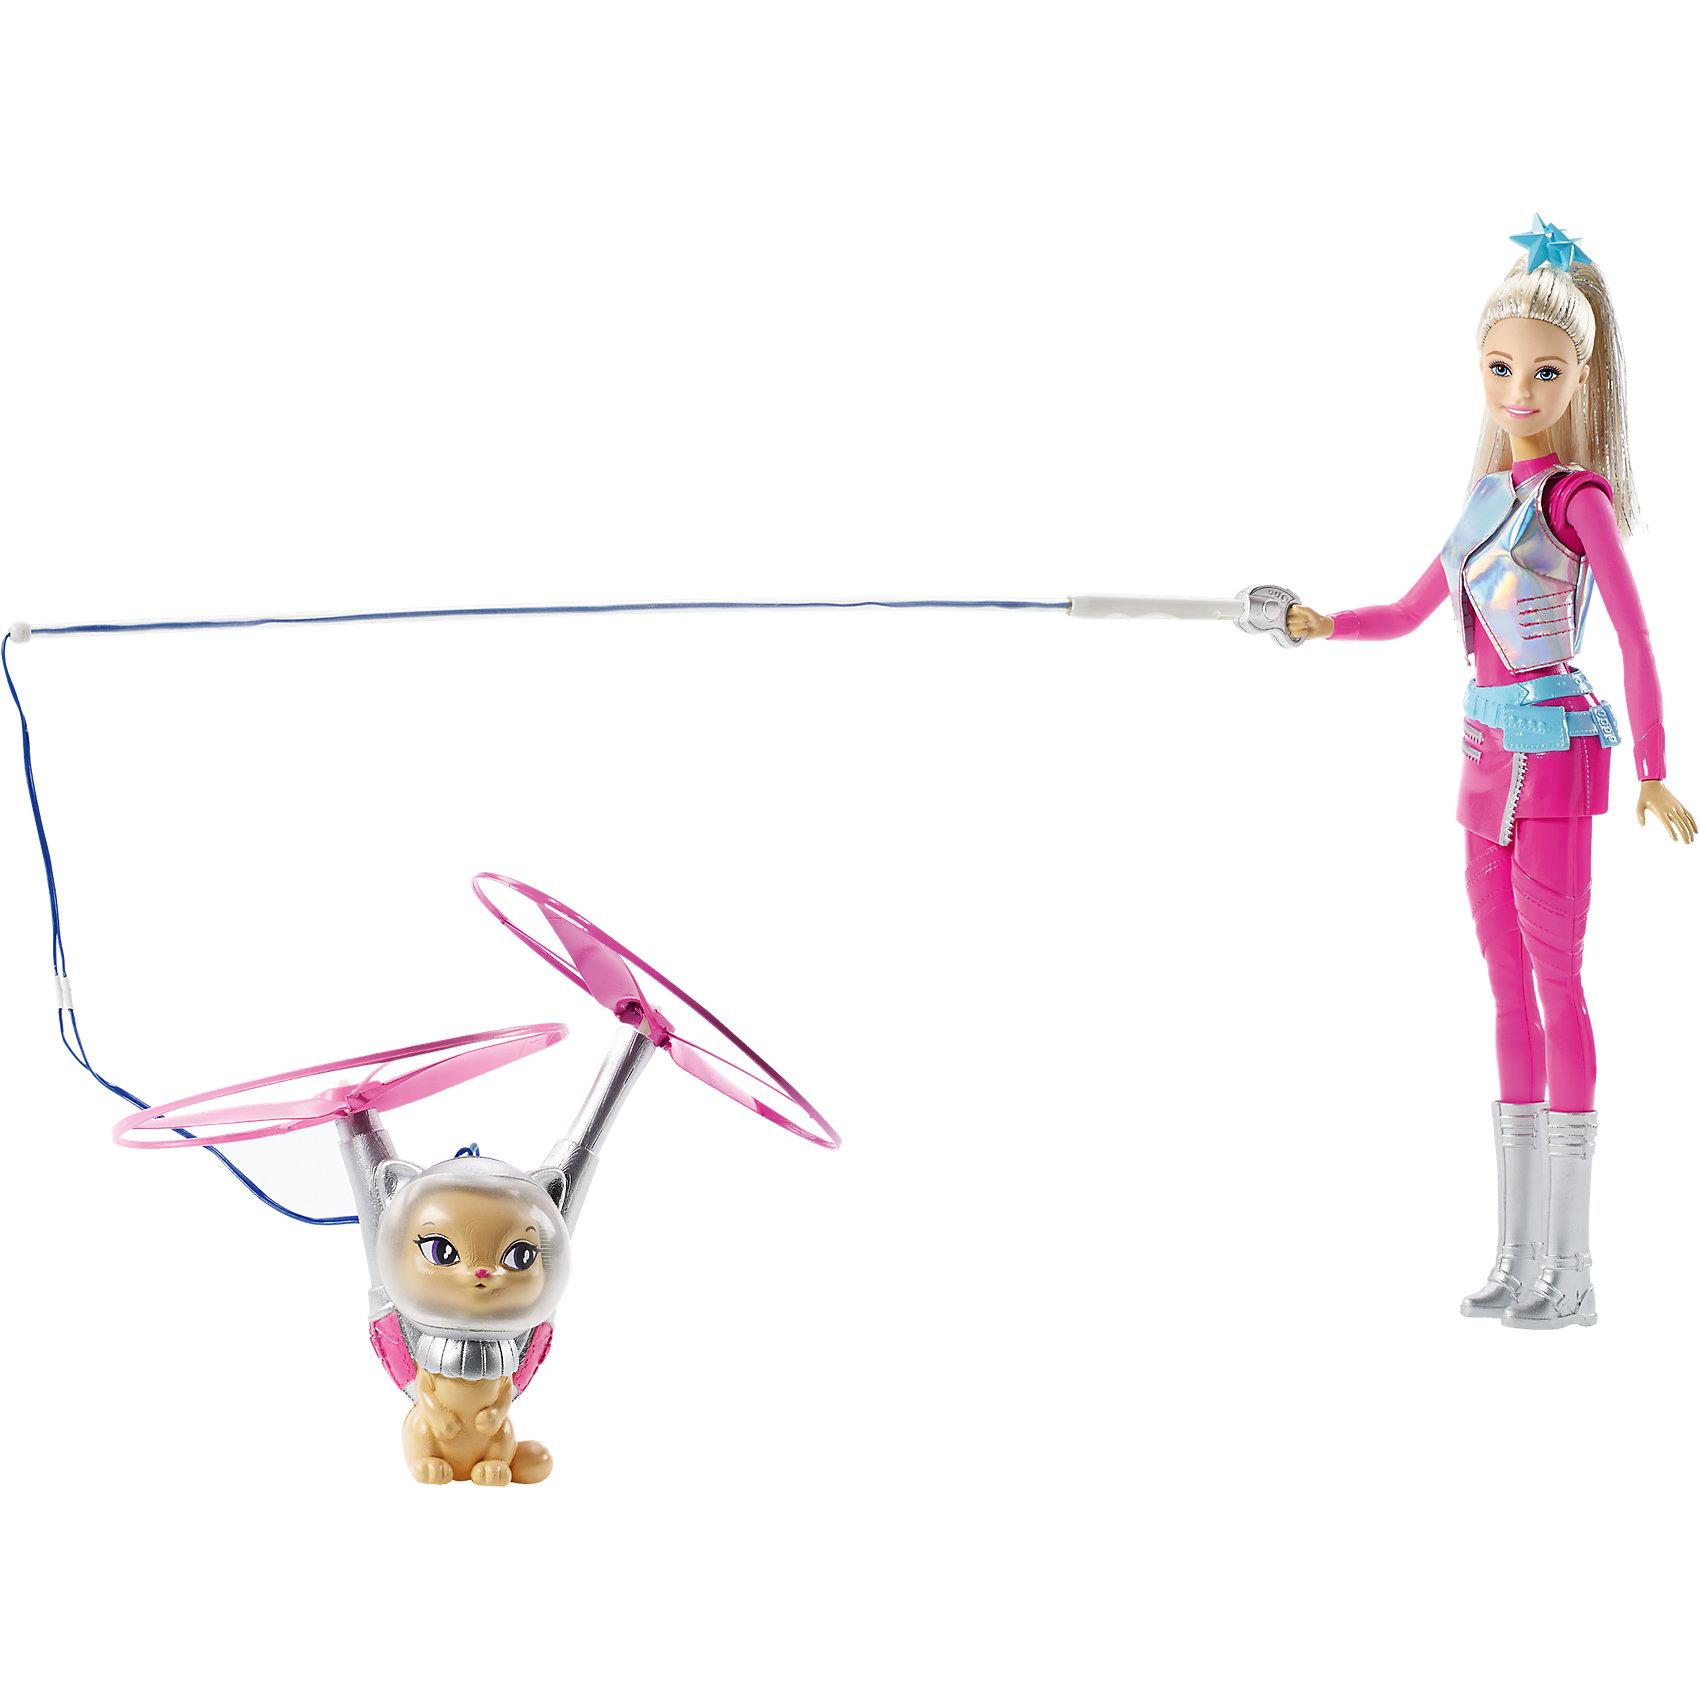 Кукла с летающим котом Попкорном из серии